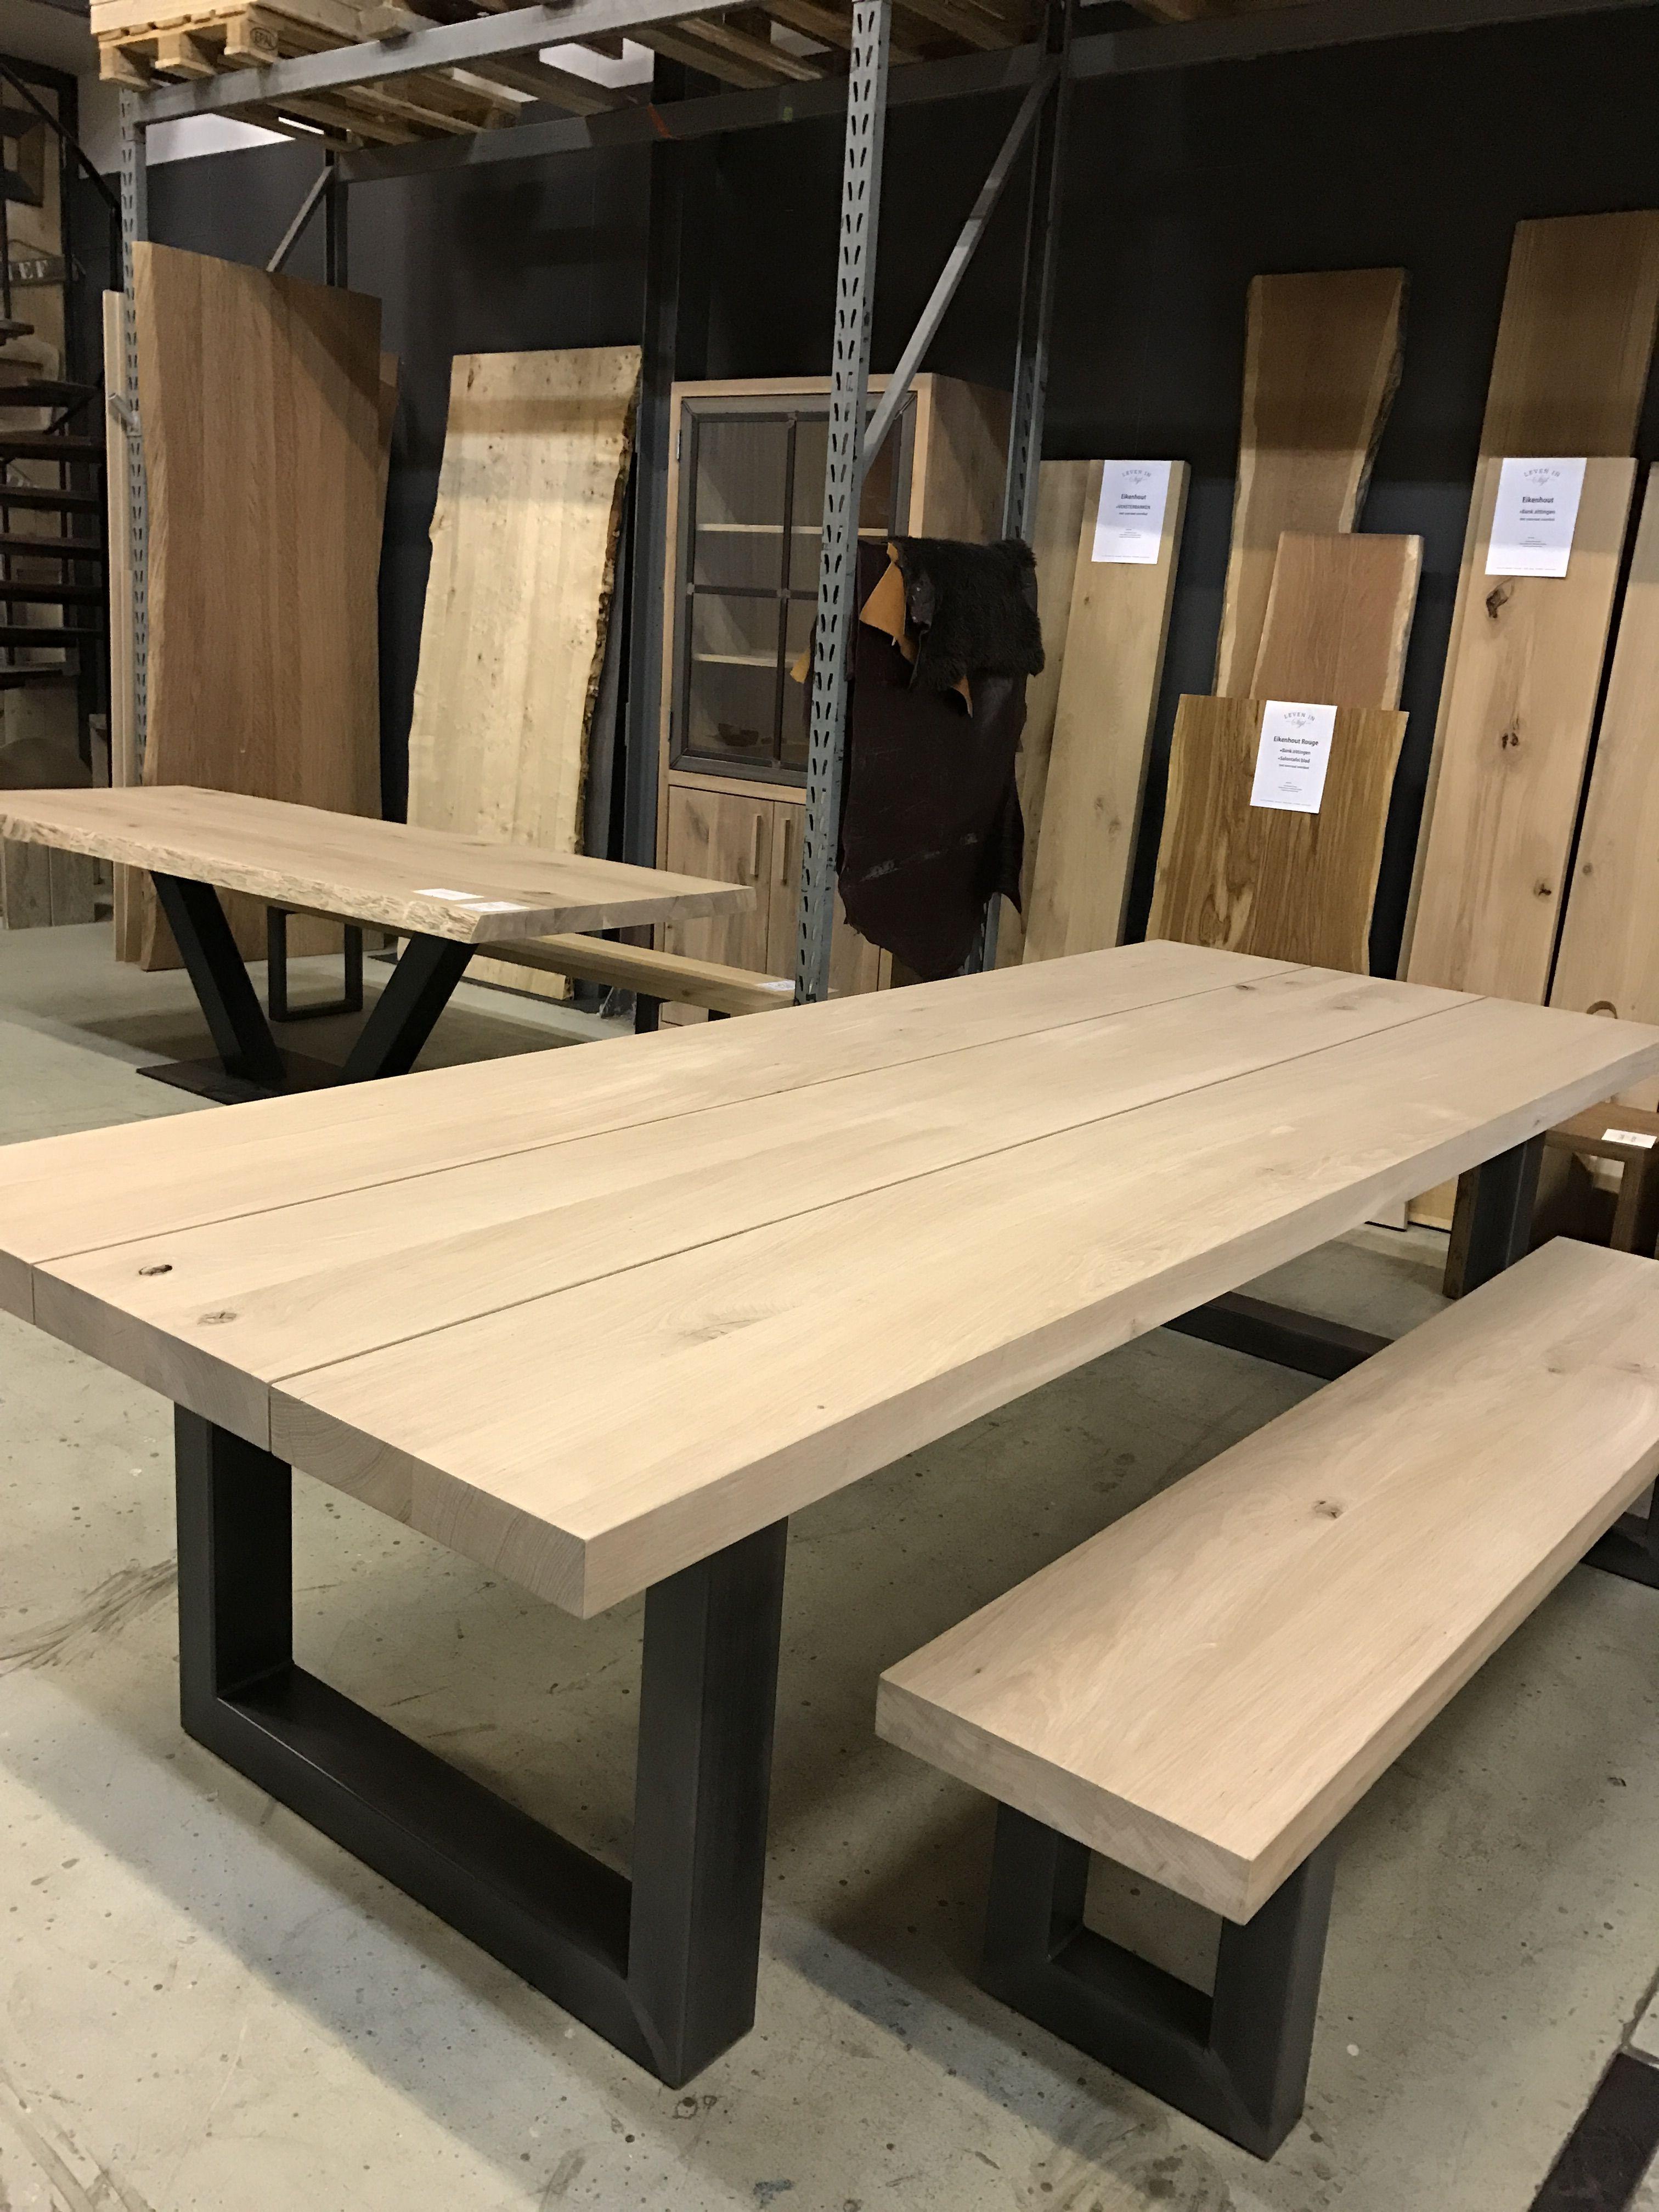 Uitgelezene Tafel & bank (leveninstijl.nl)   Diy dining table, Wooden dining DG-83